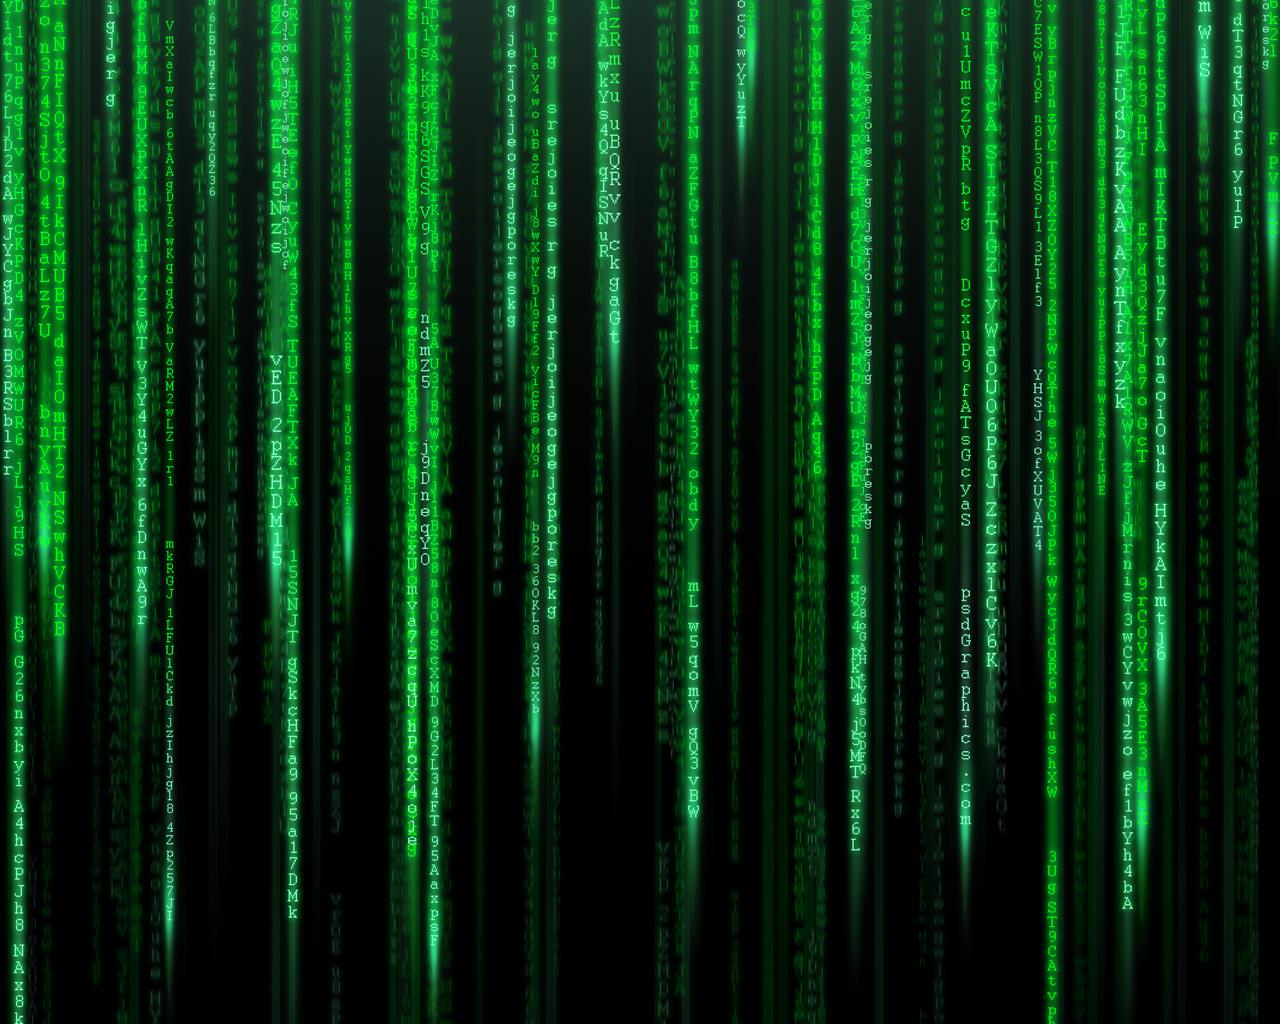 Matrix Wallpaper Psdgraphics